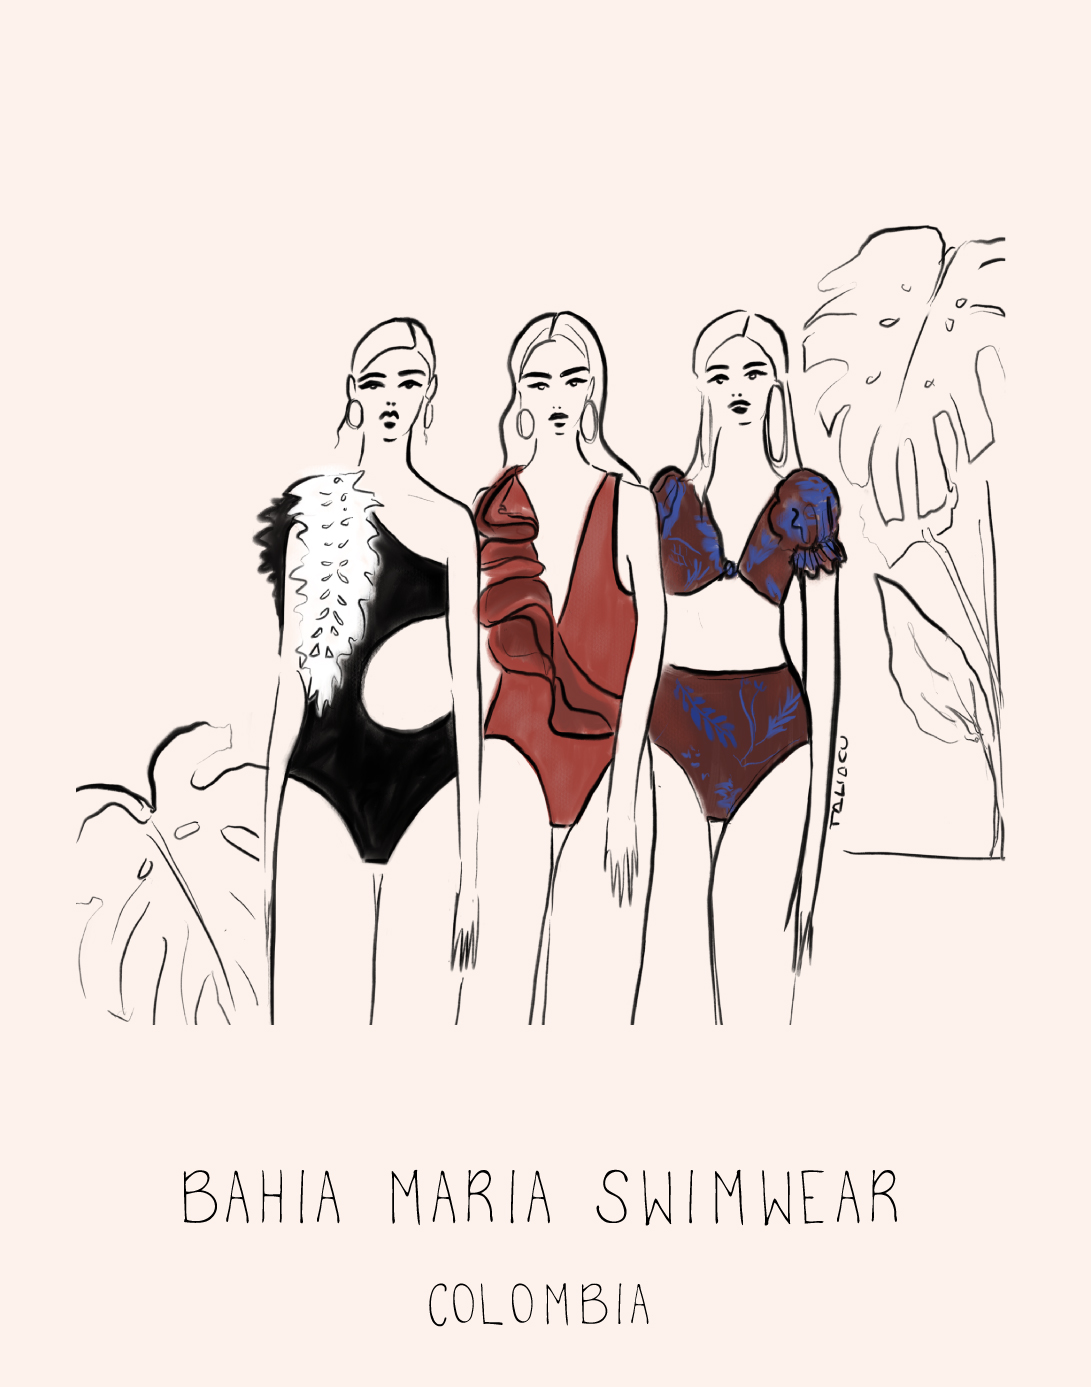 Bahia-maria.jpg